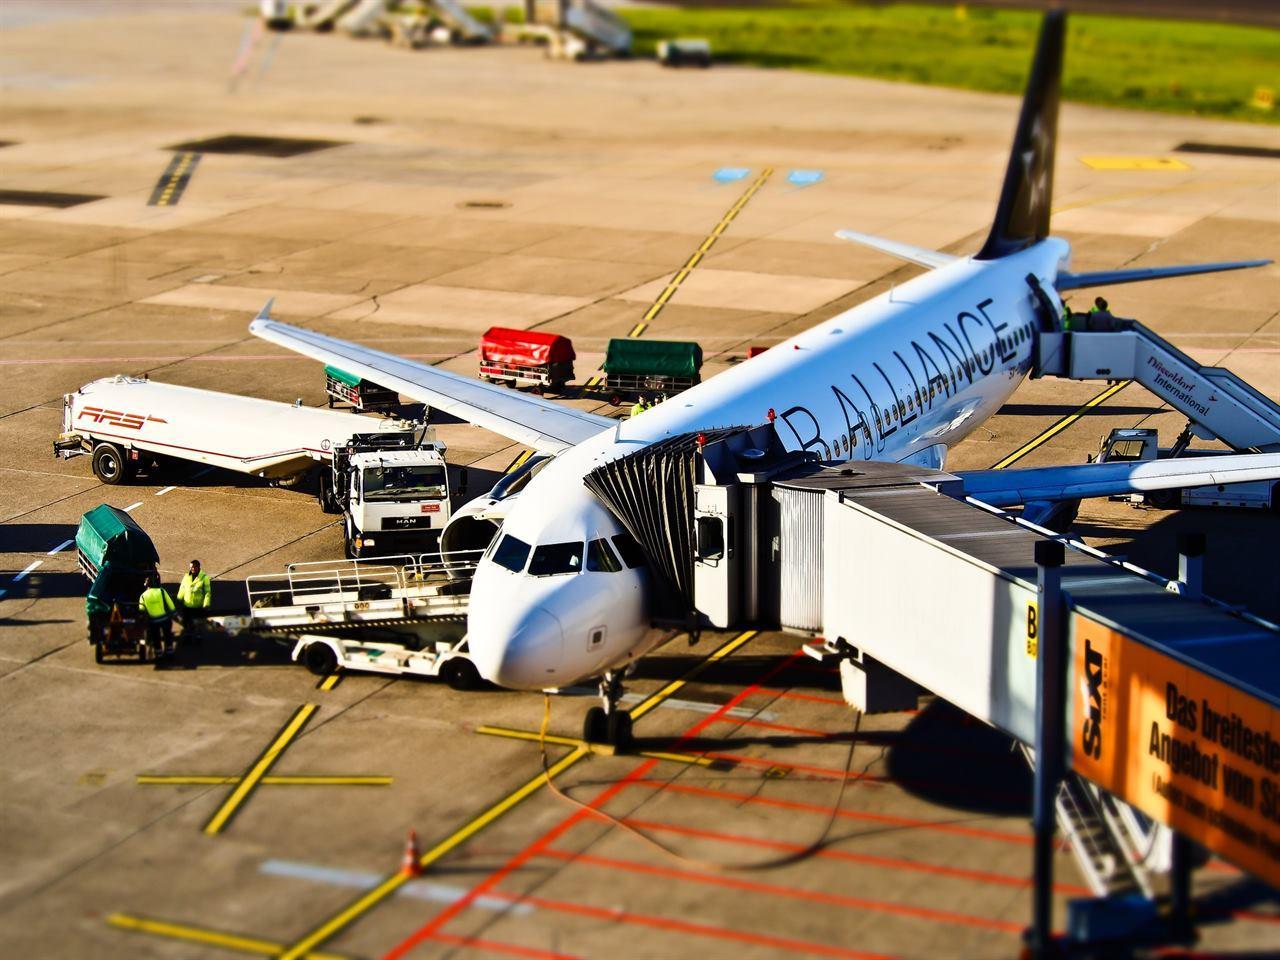 Обслуживание авиалайнера в аэропорту